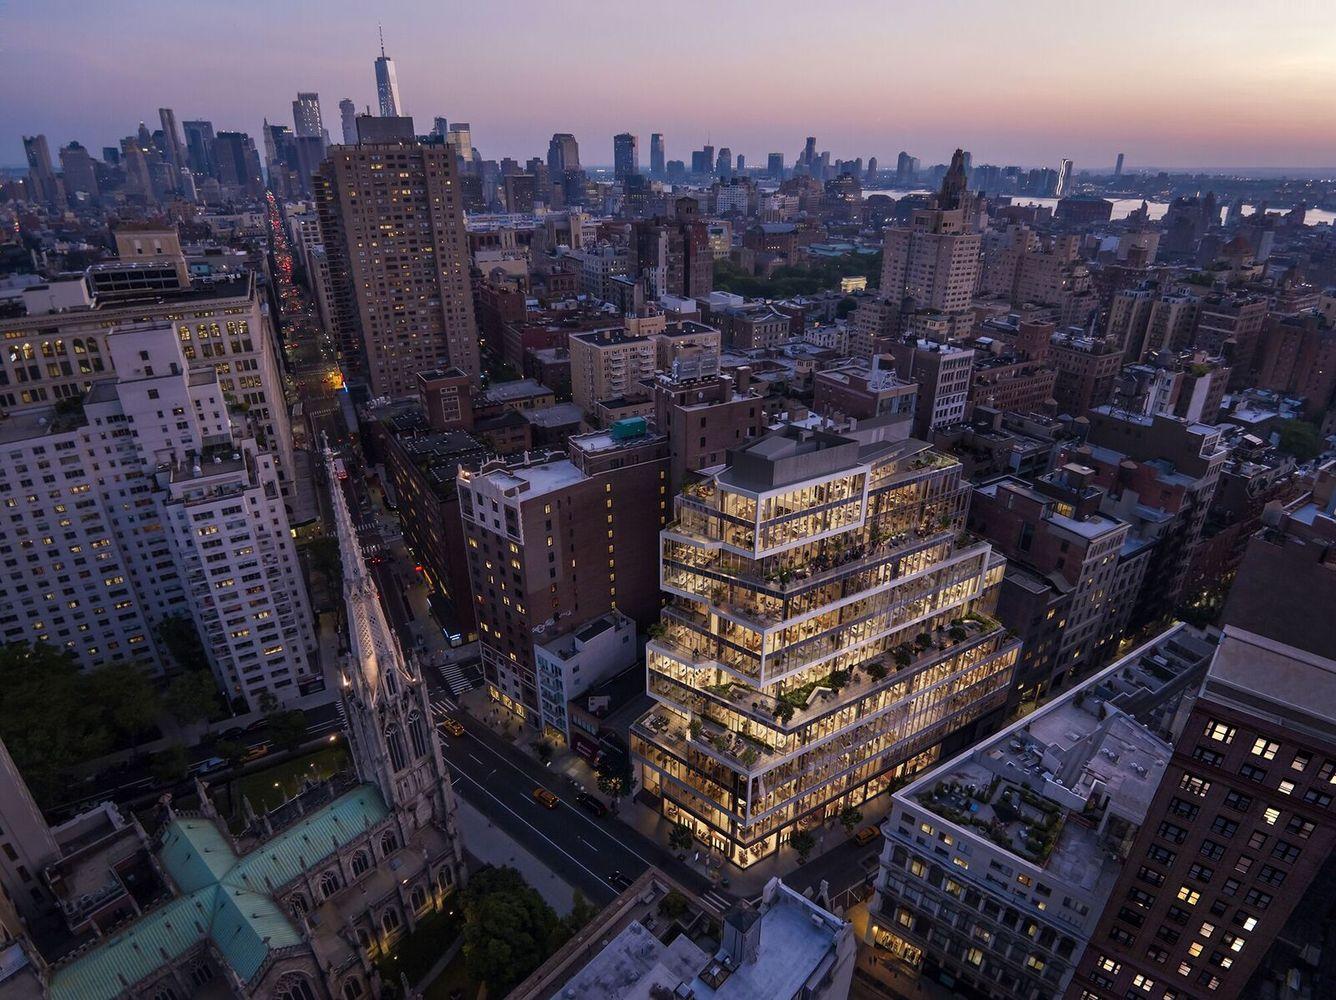 ساختمان اداری منهتن توسط Perkins+Will طراحی میشود